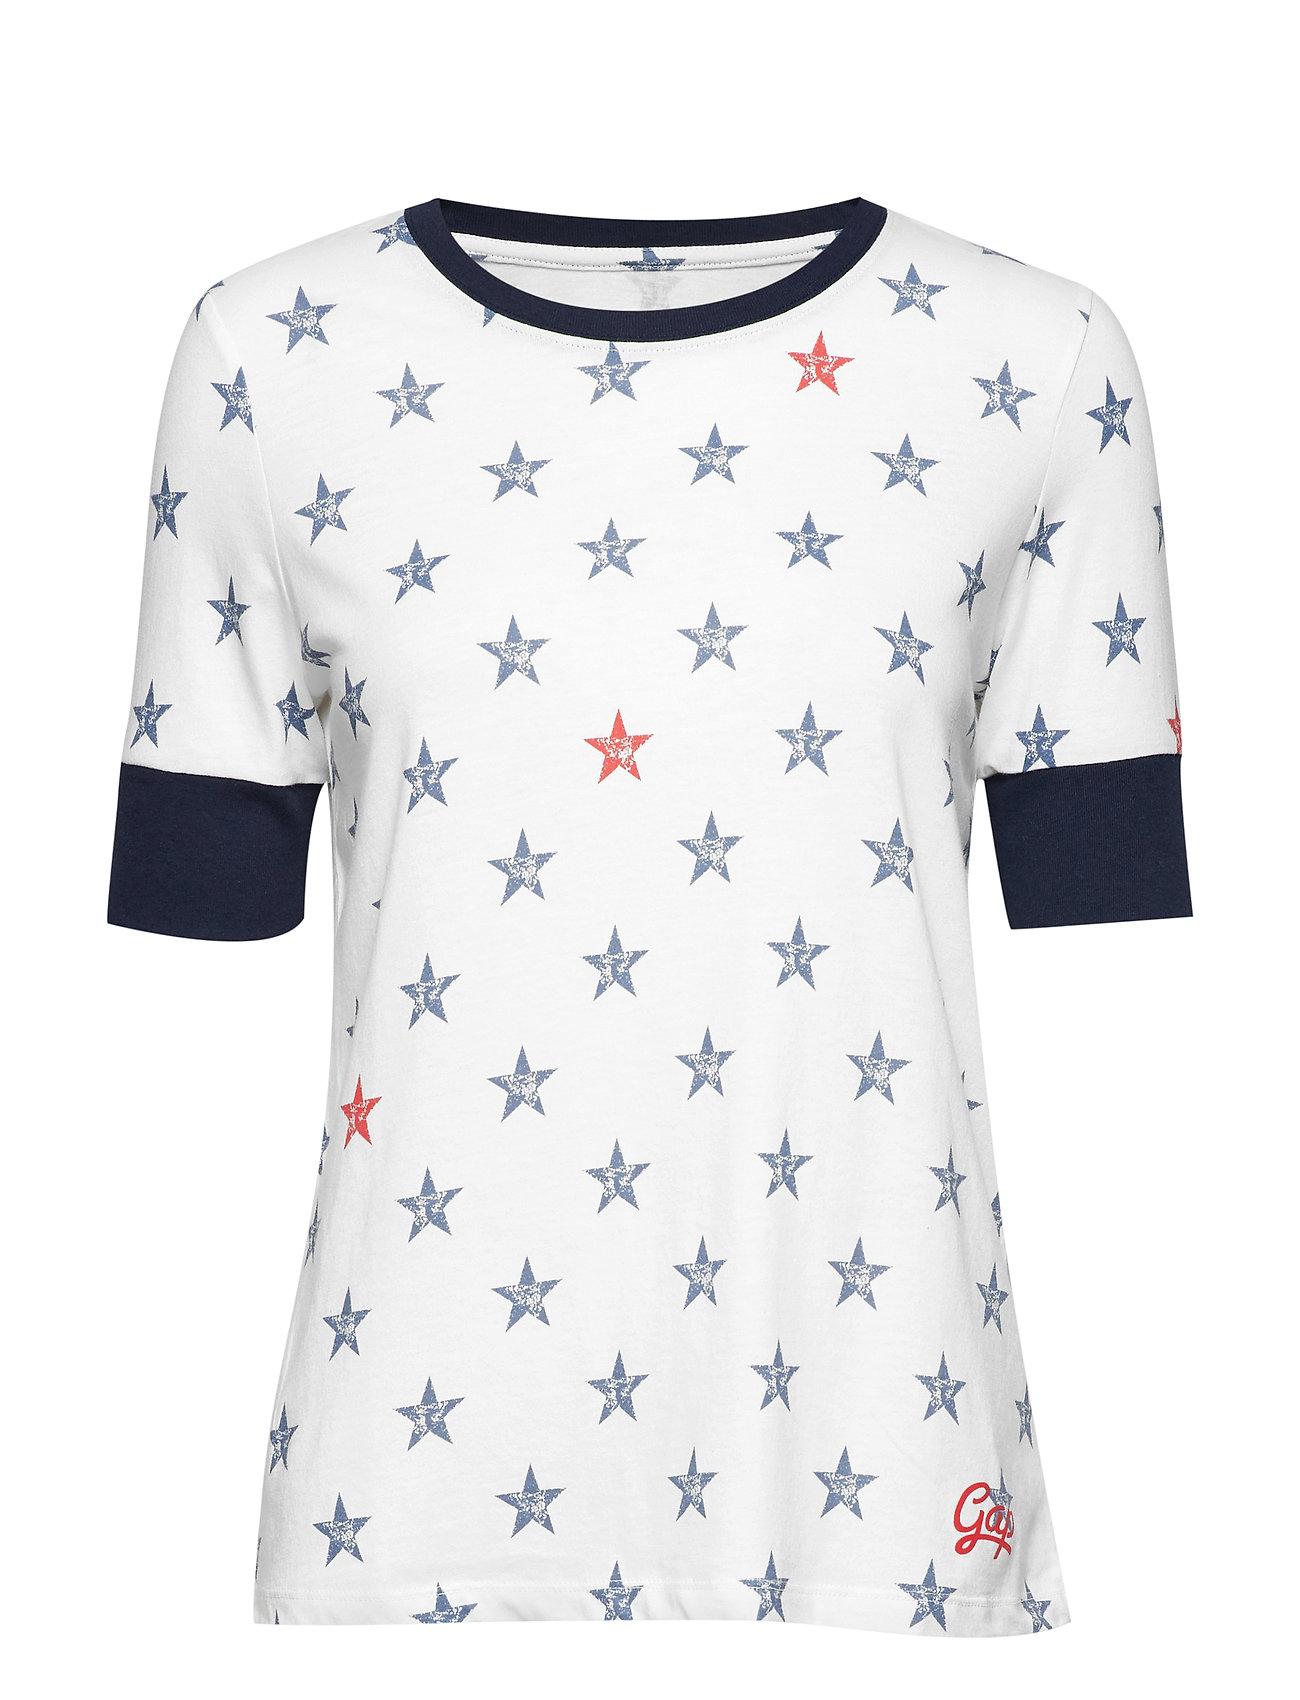 GAP GAP FOURTH TEE - WHITE STAR PRINT